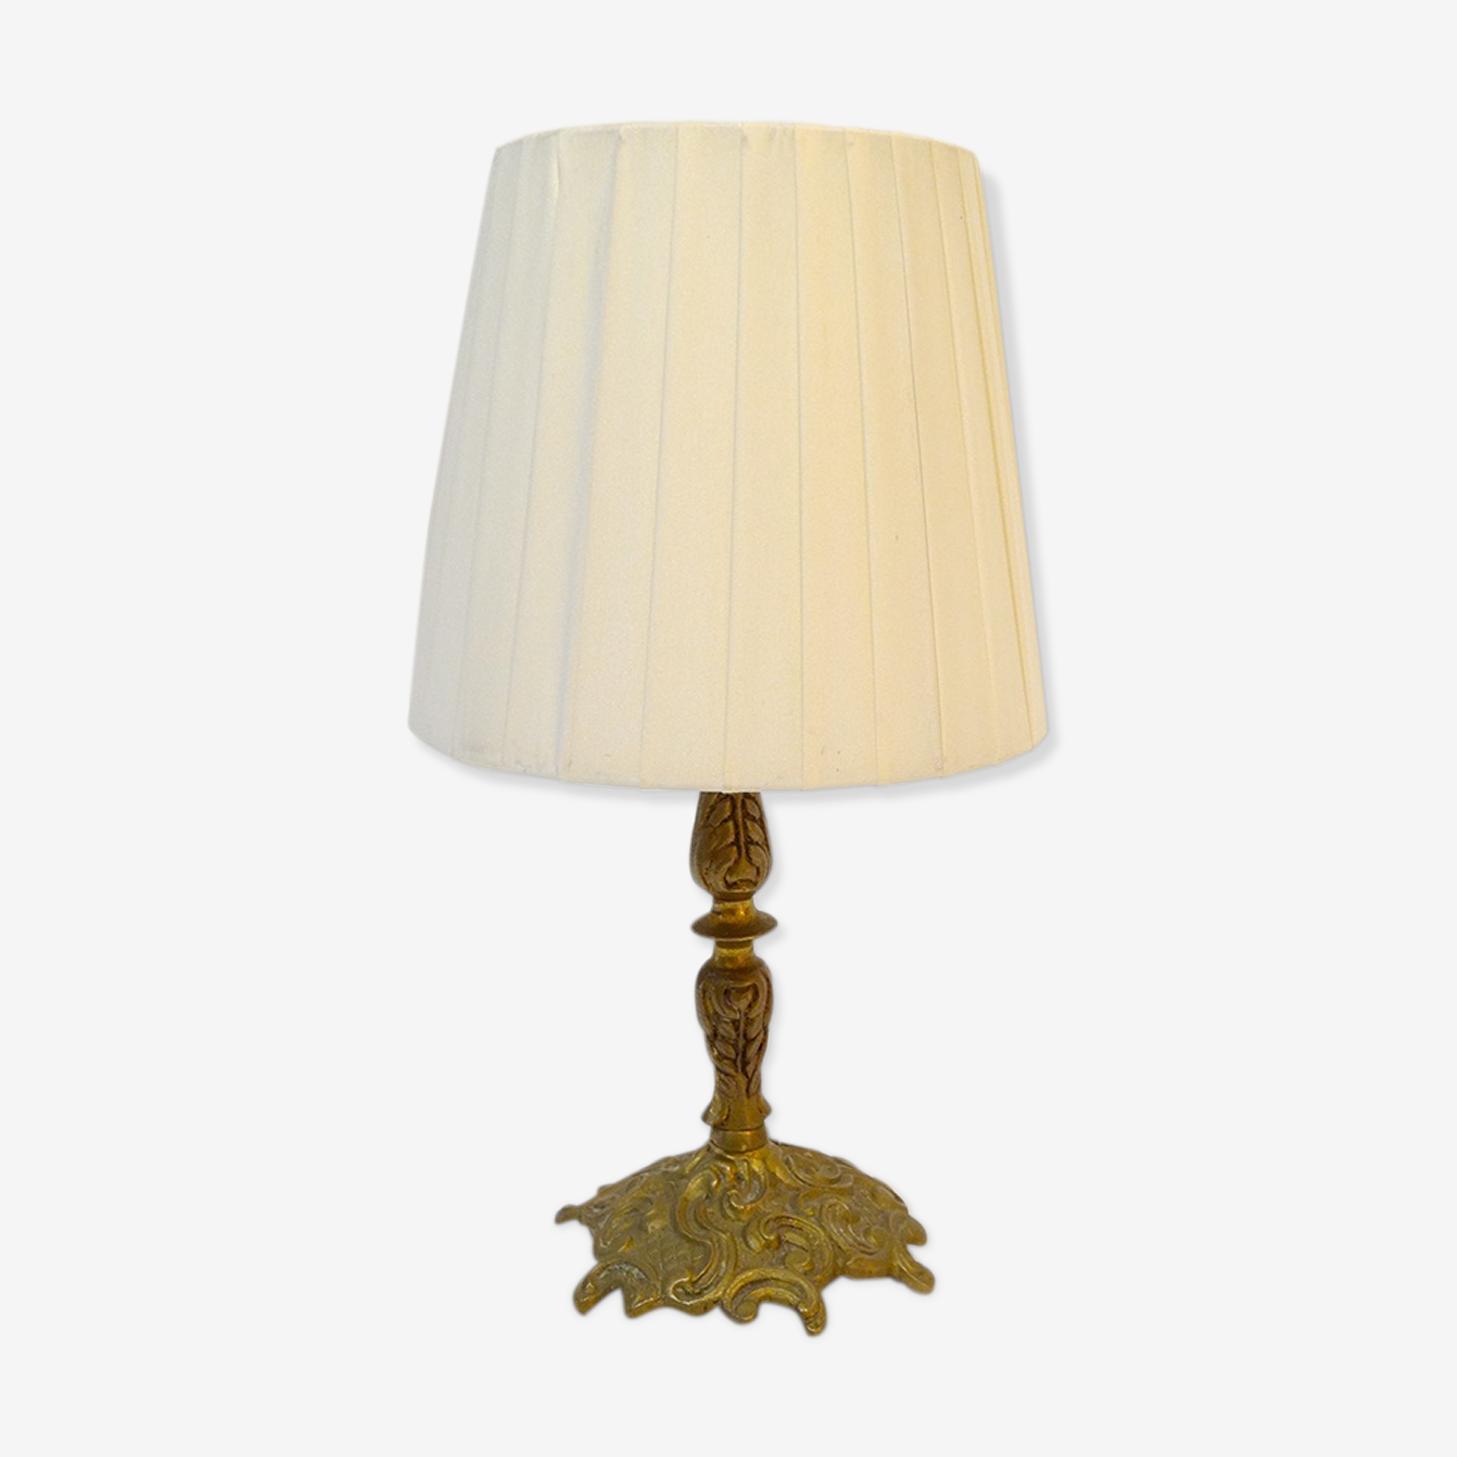 Lampe Ancienne Pieds Laiton Massif Laiton Dore Classique Ckhjl0v